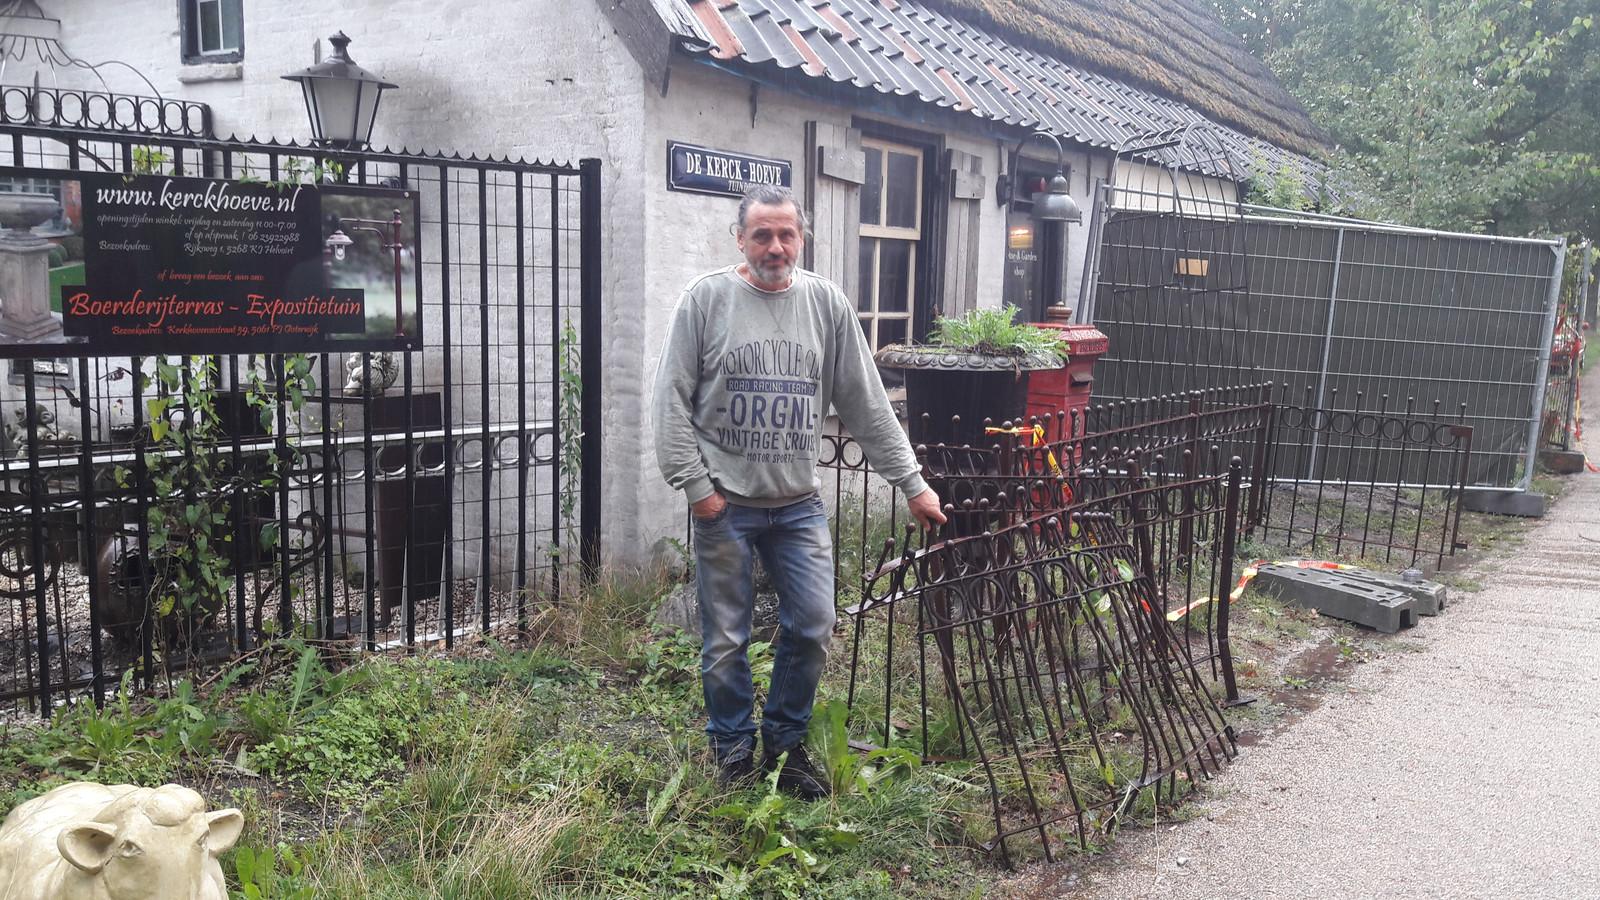 Ger Vugts van Kerckhoeve voor het pand in Helvoirt waar binnen werd gereden.